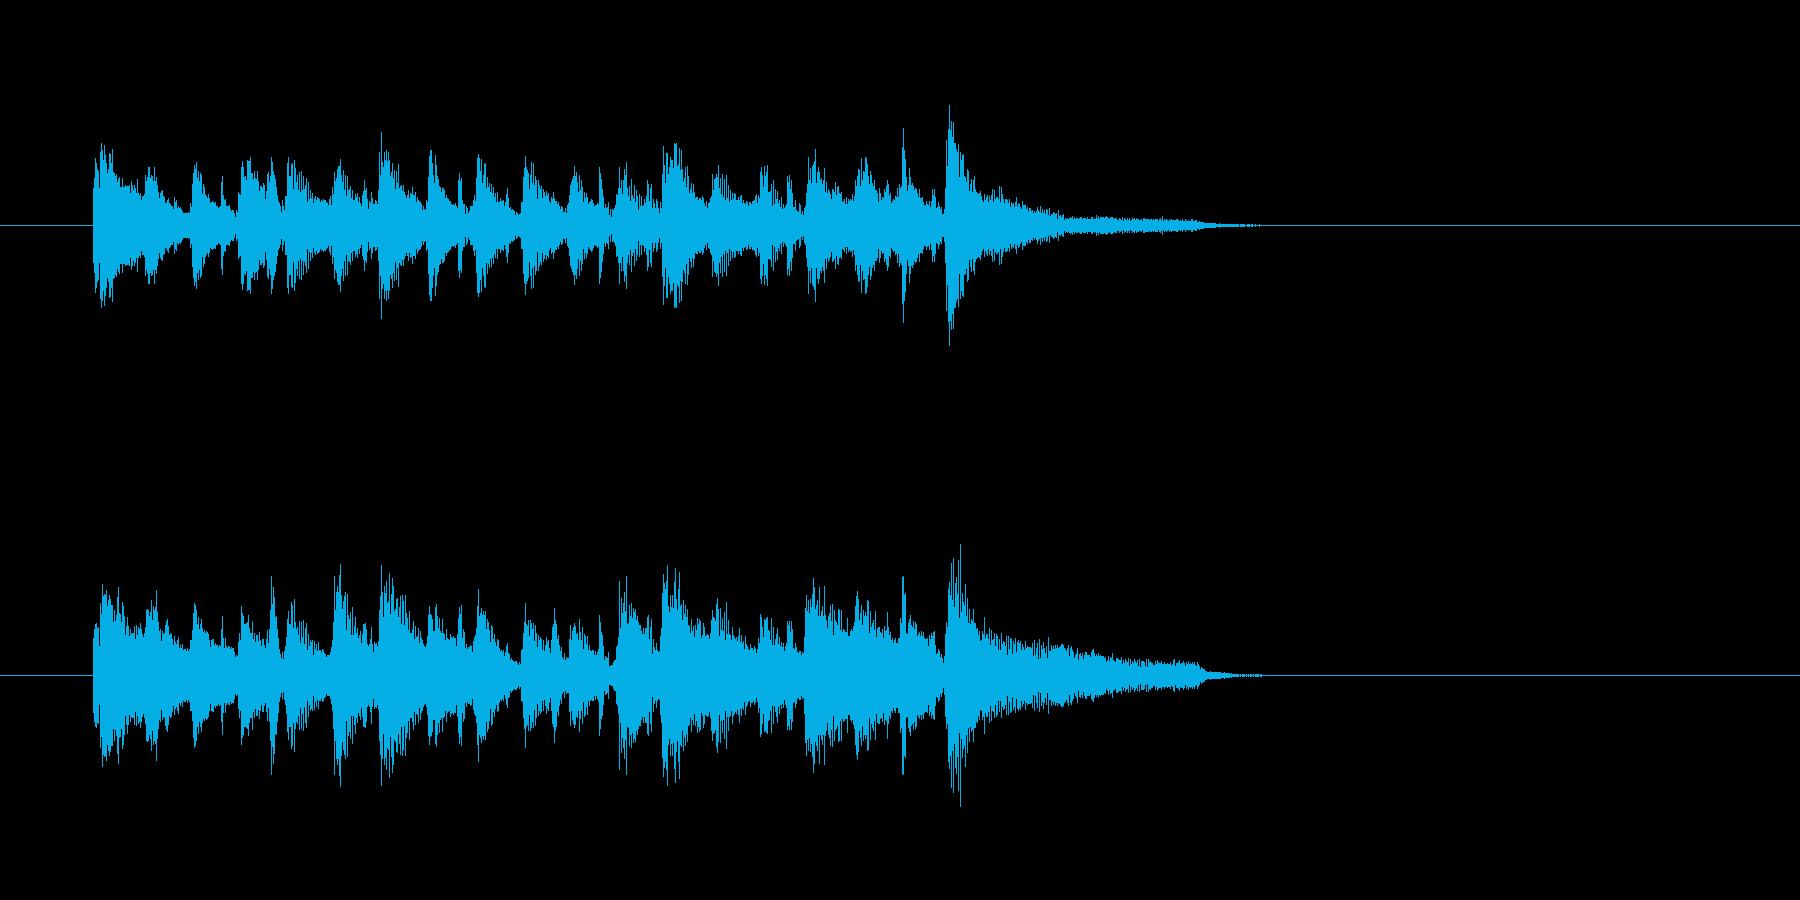 アコーディオン バンドネオン ジャズの再生済みの波形